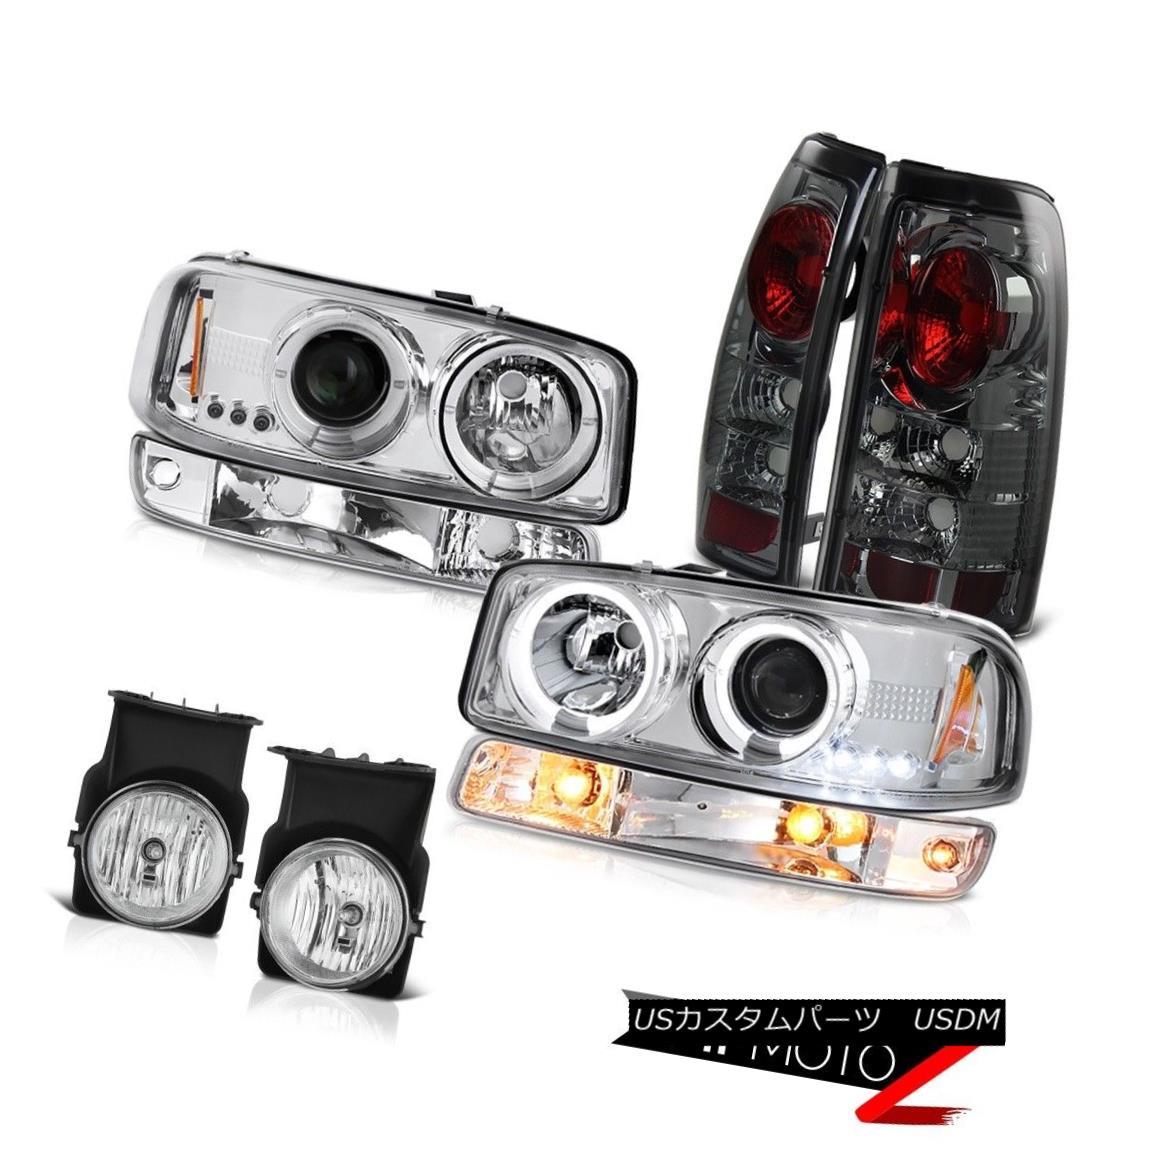 テールライト 2003-2006 Sierra 6.0L Crystal clear fog lamps tail brake signal lamp Headlamps 2003-2006シエラ6.0Lクリスタルクリアフォグランプテールブレーキシグナルランプヘッドランプ